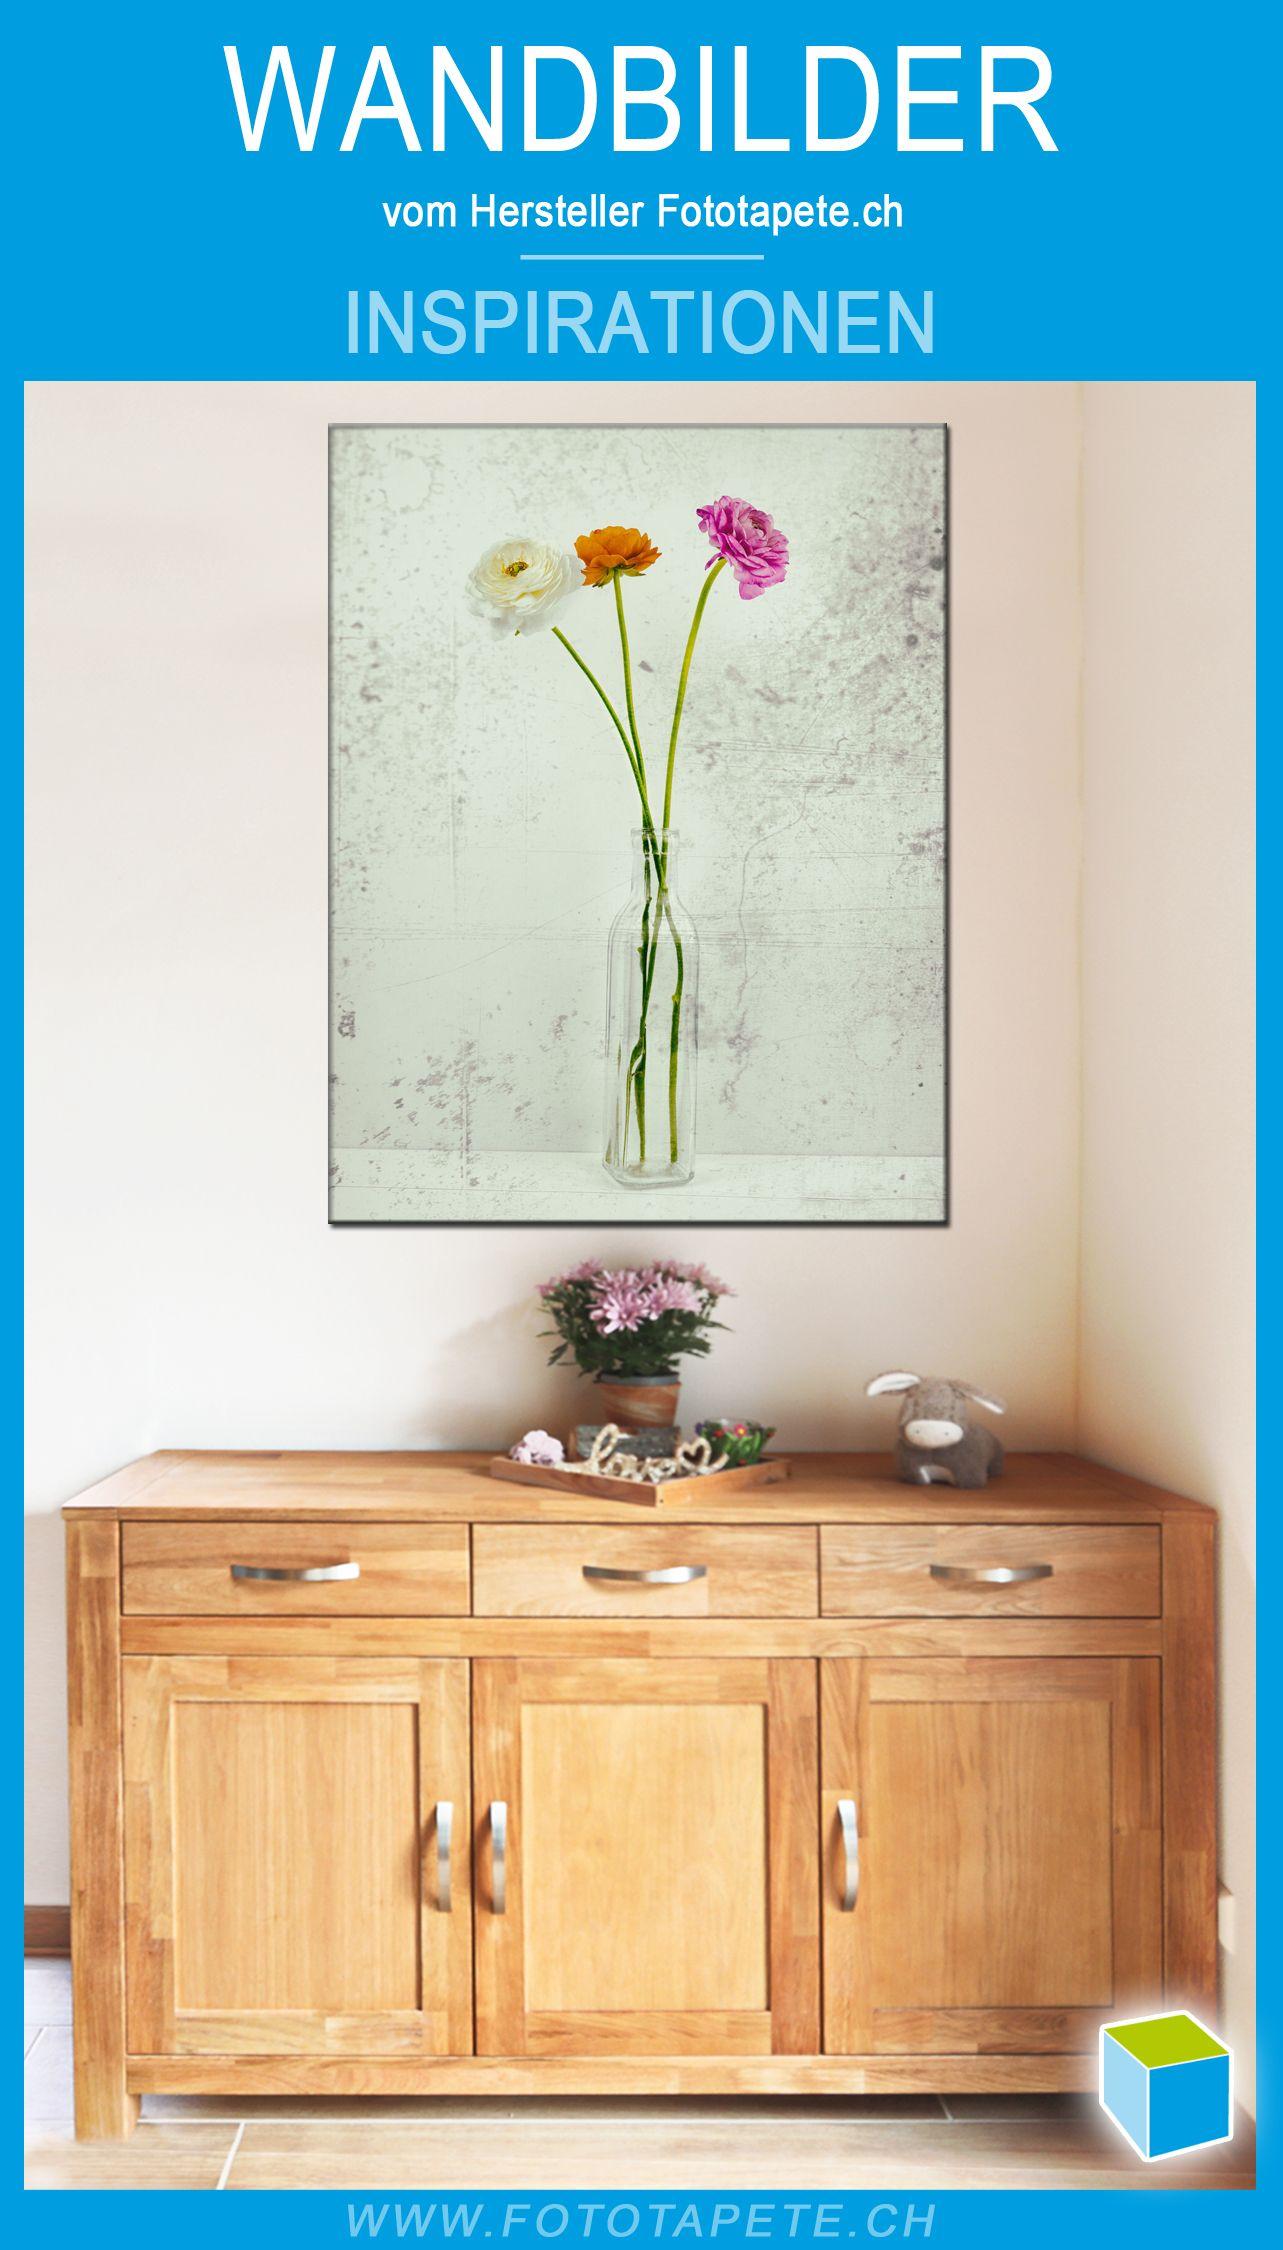 vintage wandbild ranunkel auf leinwand von fototapete ch in 2021 wandbilder wohnzimmerbilder wohnzimmerwand foto bestellen günstig drucken